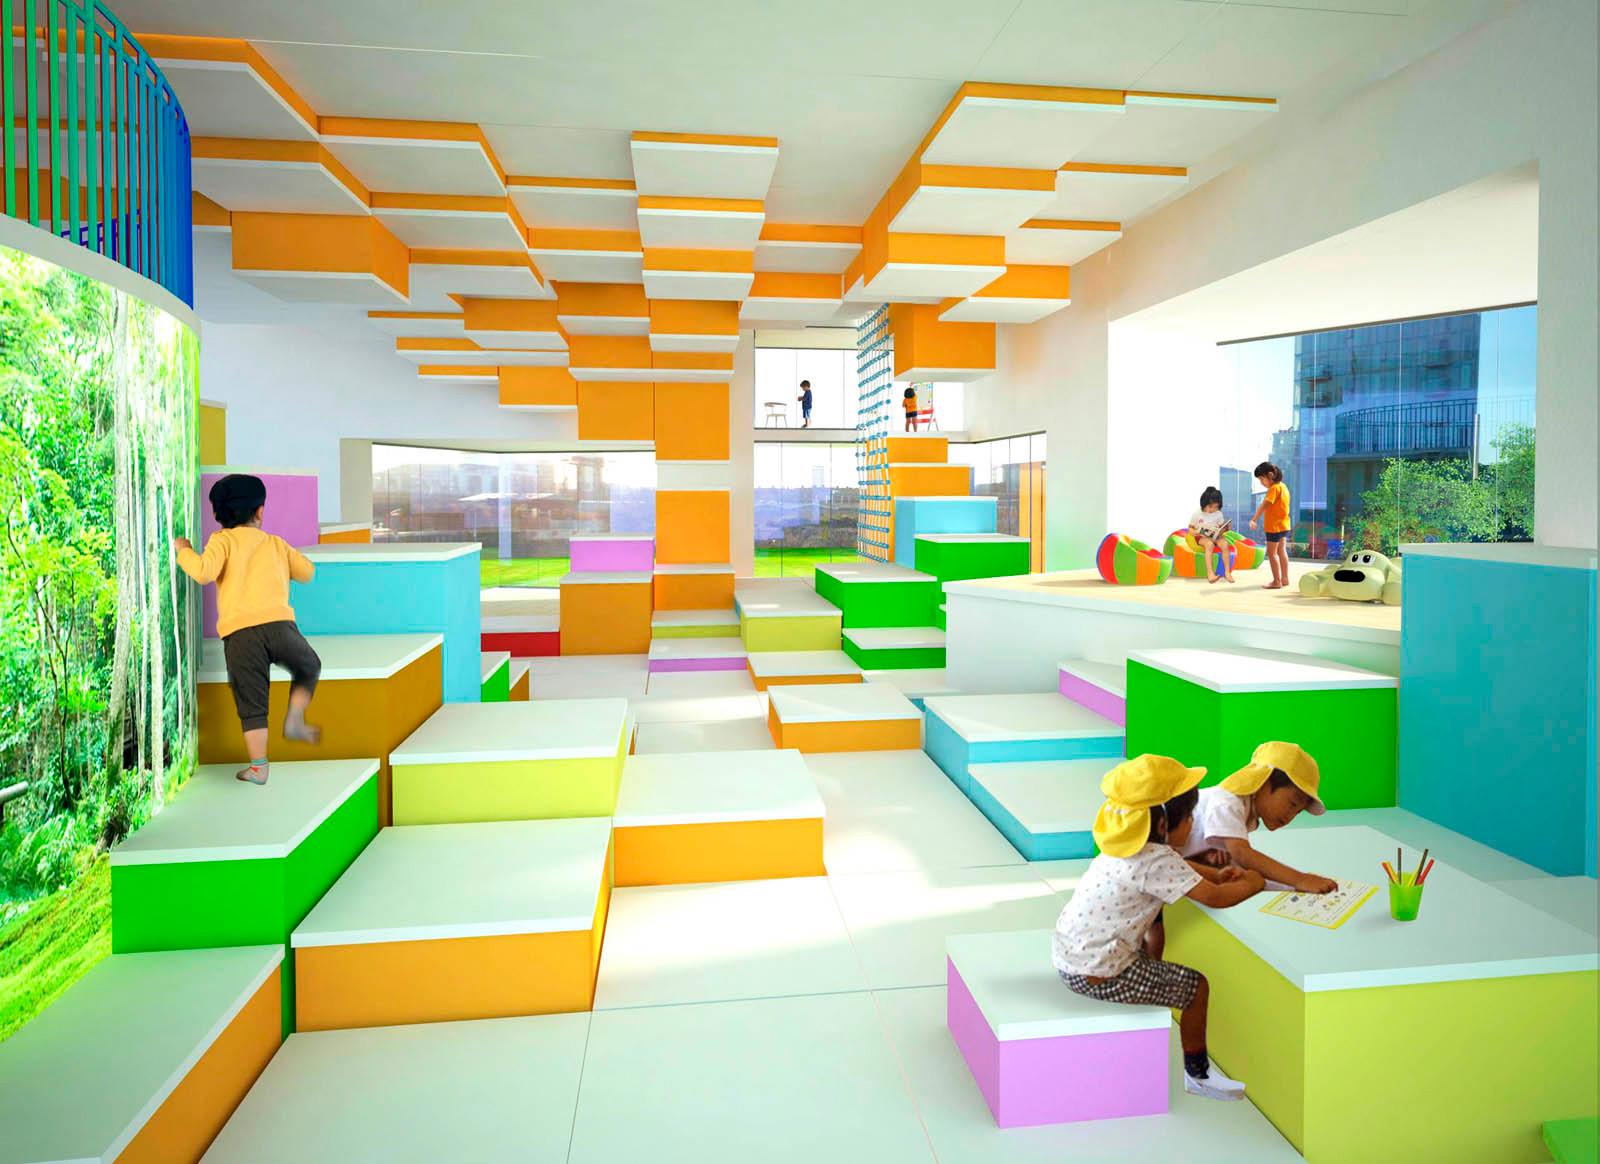 Проект детского сада transform в Лондоне Архитектура и  Проект детского сада transform в Лондоне ООО Проектно конструкторское бюро ИССО